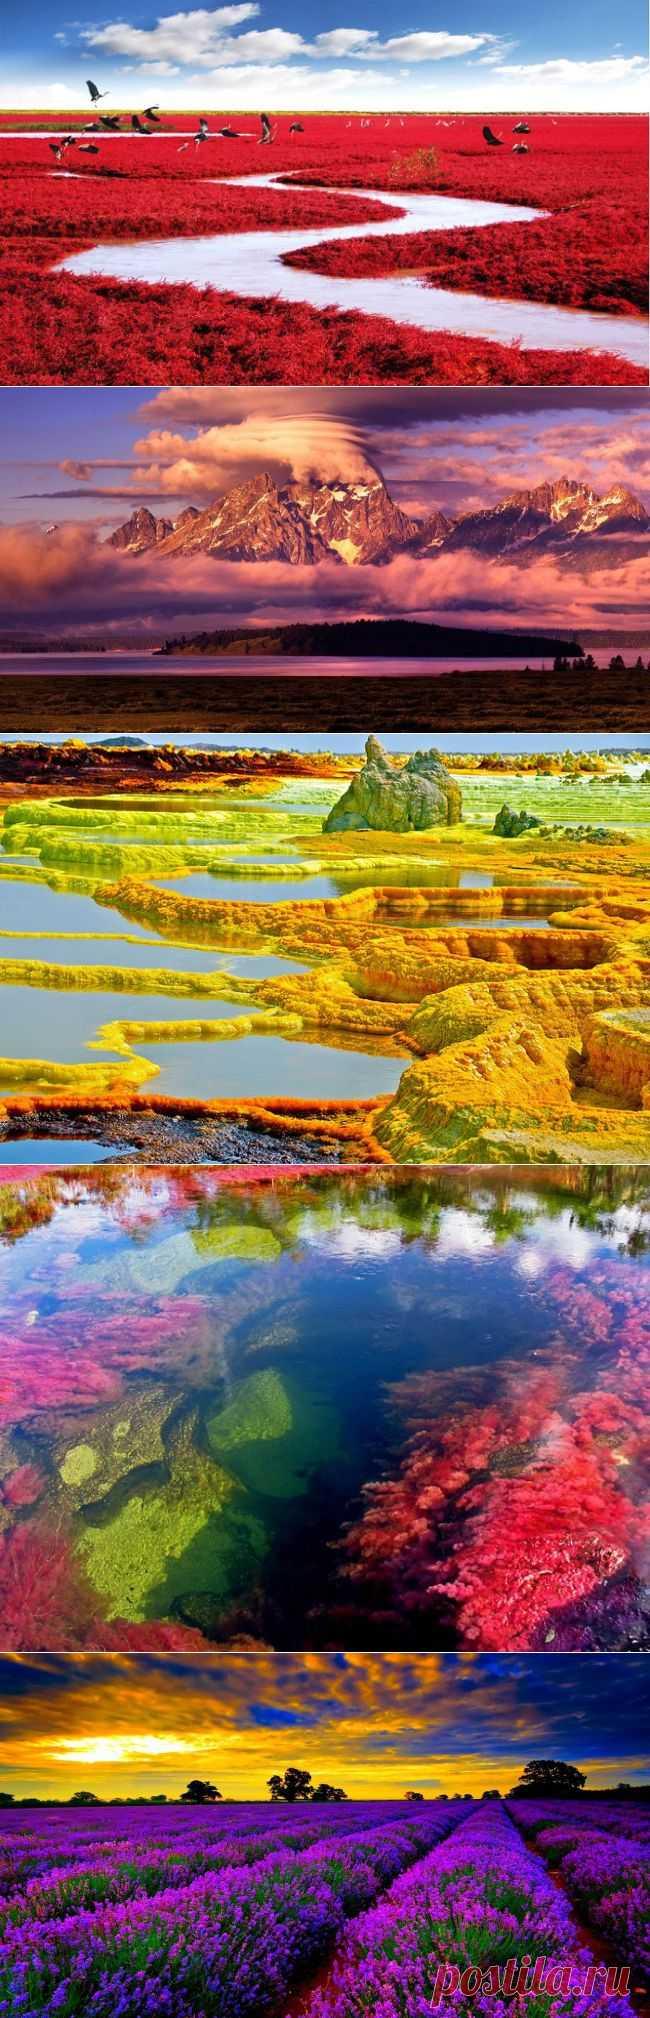 Чудесные места нашей планеты | УДИВИТЕЛЬНОЕ